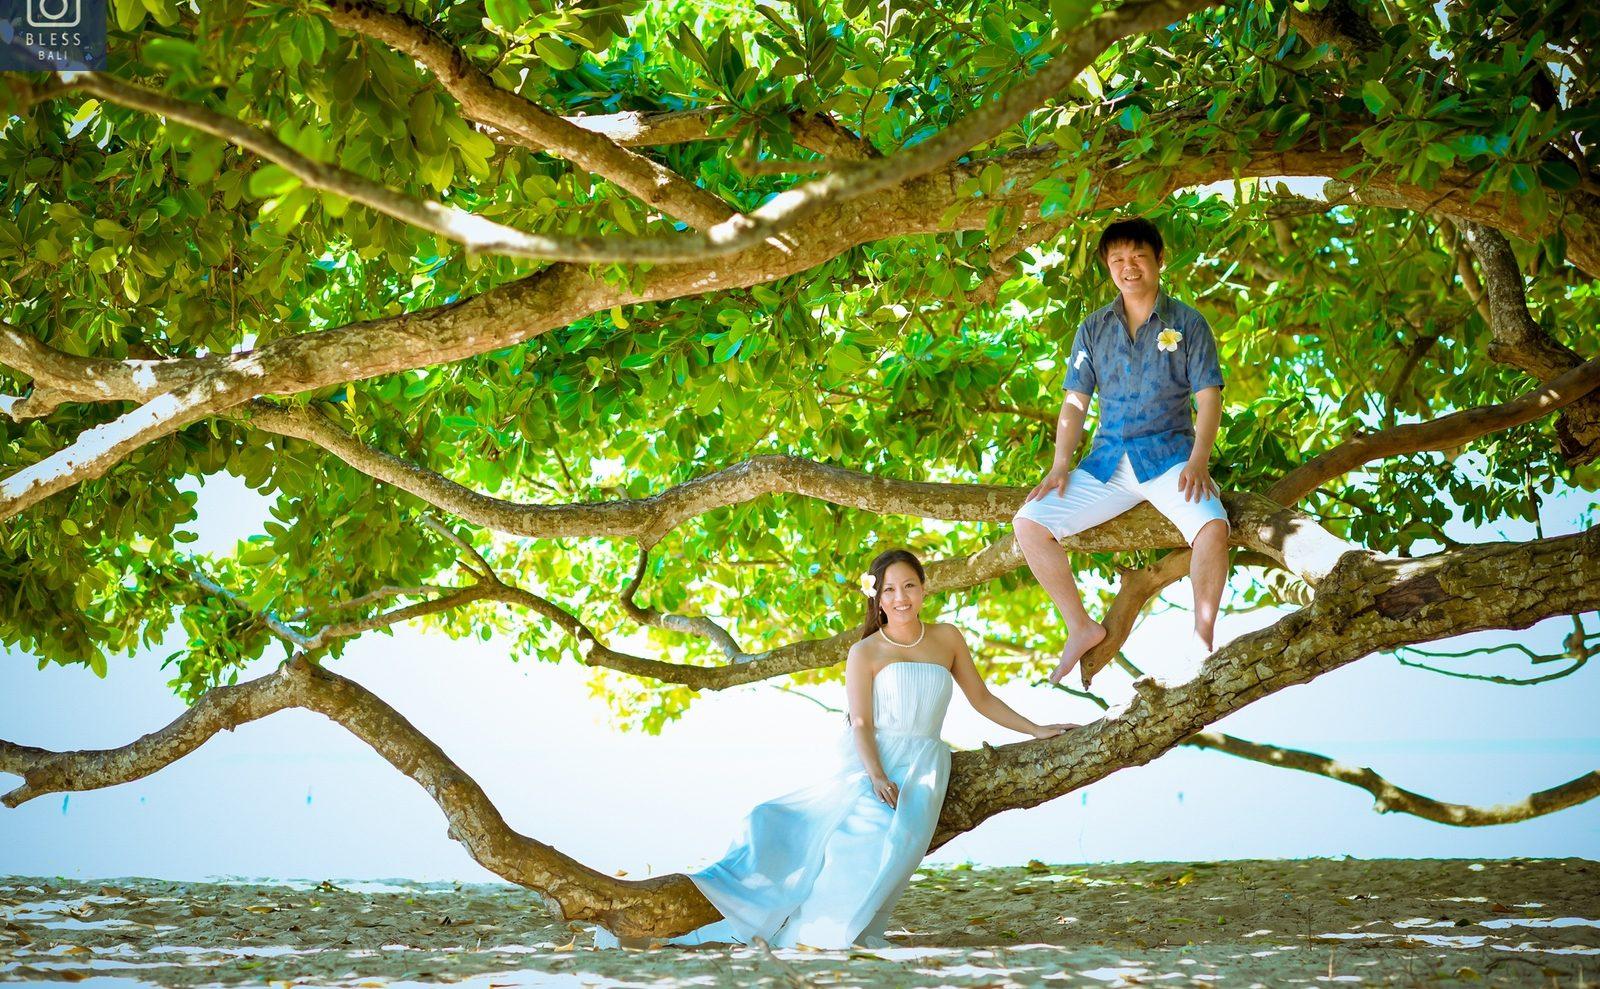 【お客様レポ#211】ご結婚10年記念に♡ ビーチ&サンセットで撮るM&W様のフォトウェディング